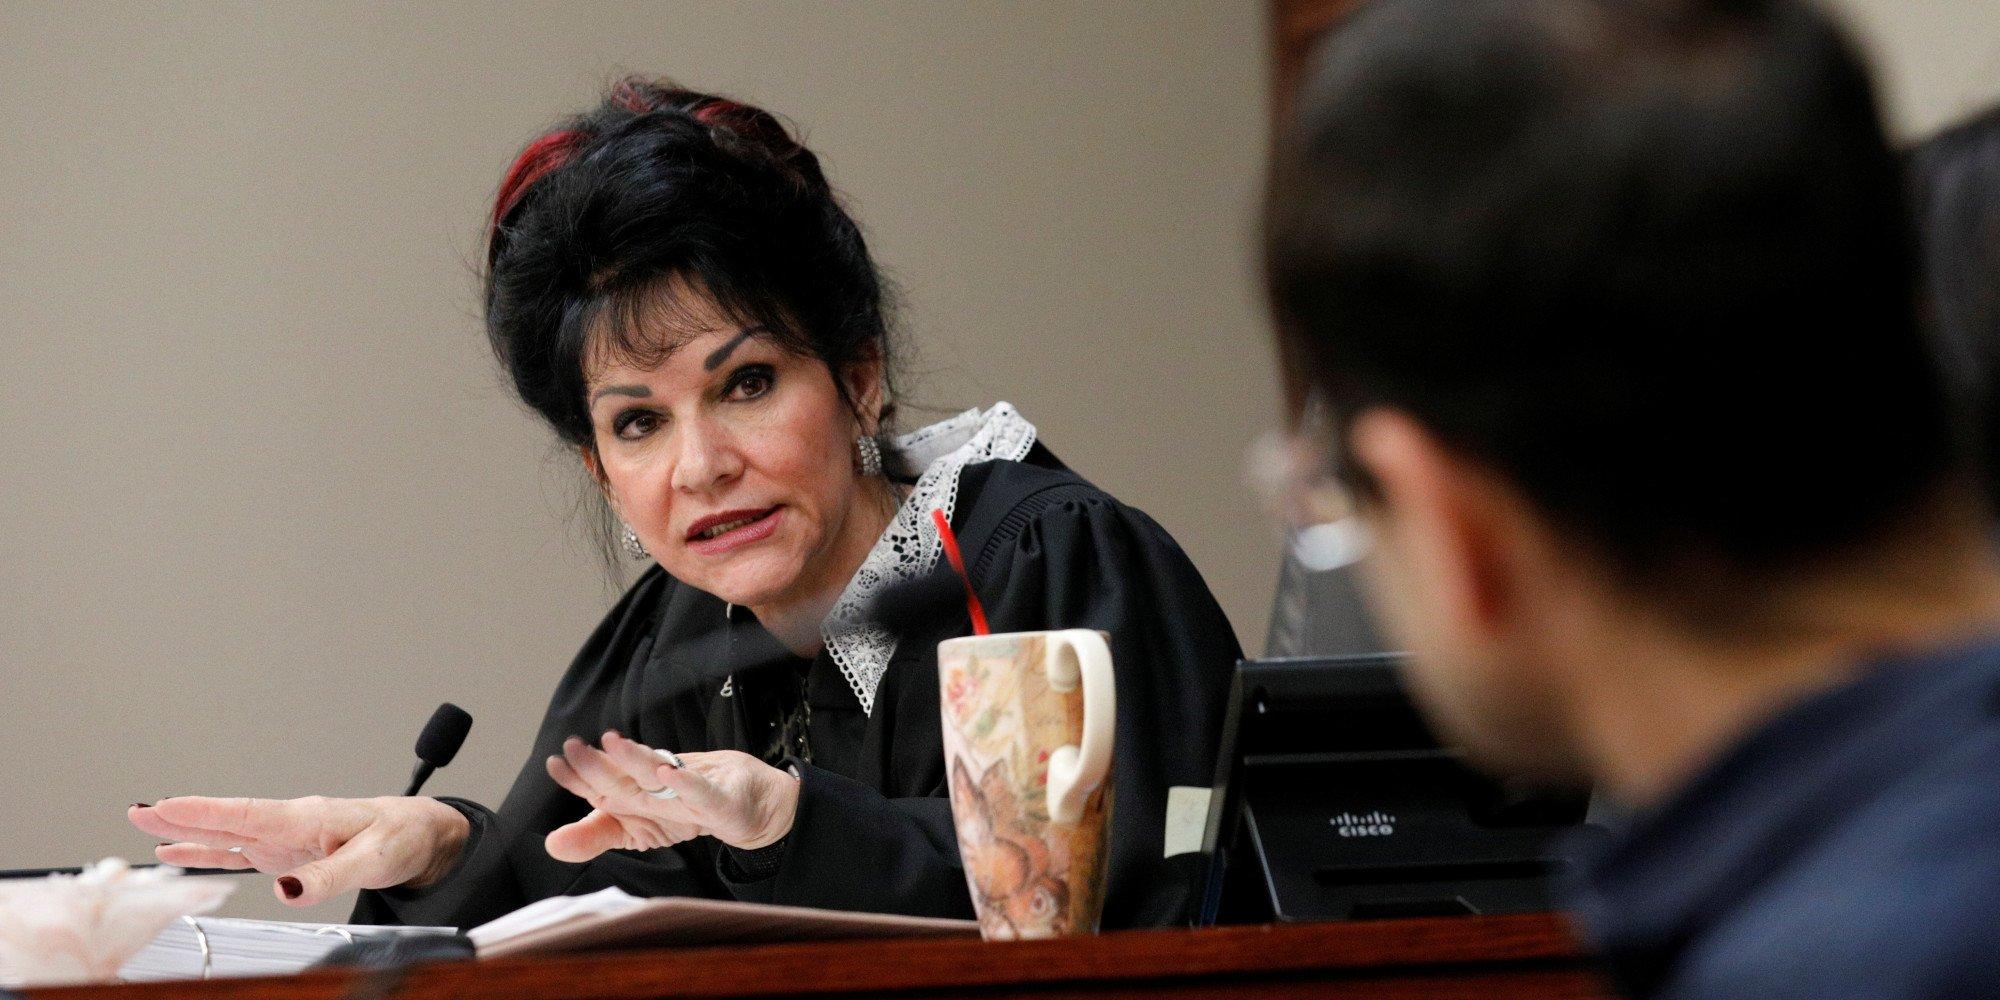 래리 나사르 판사에 대한 이미지 검색결과